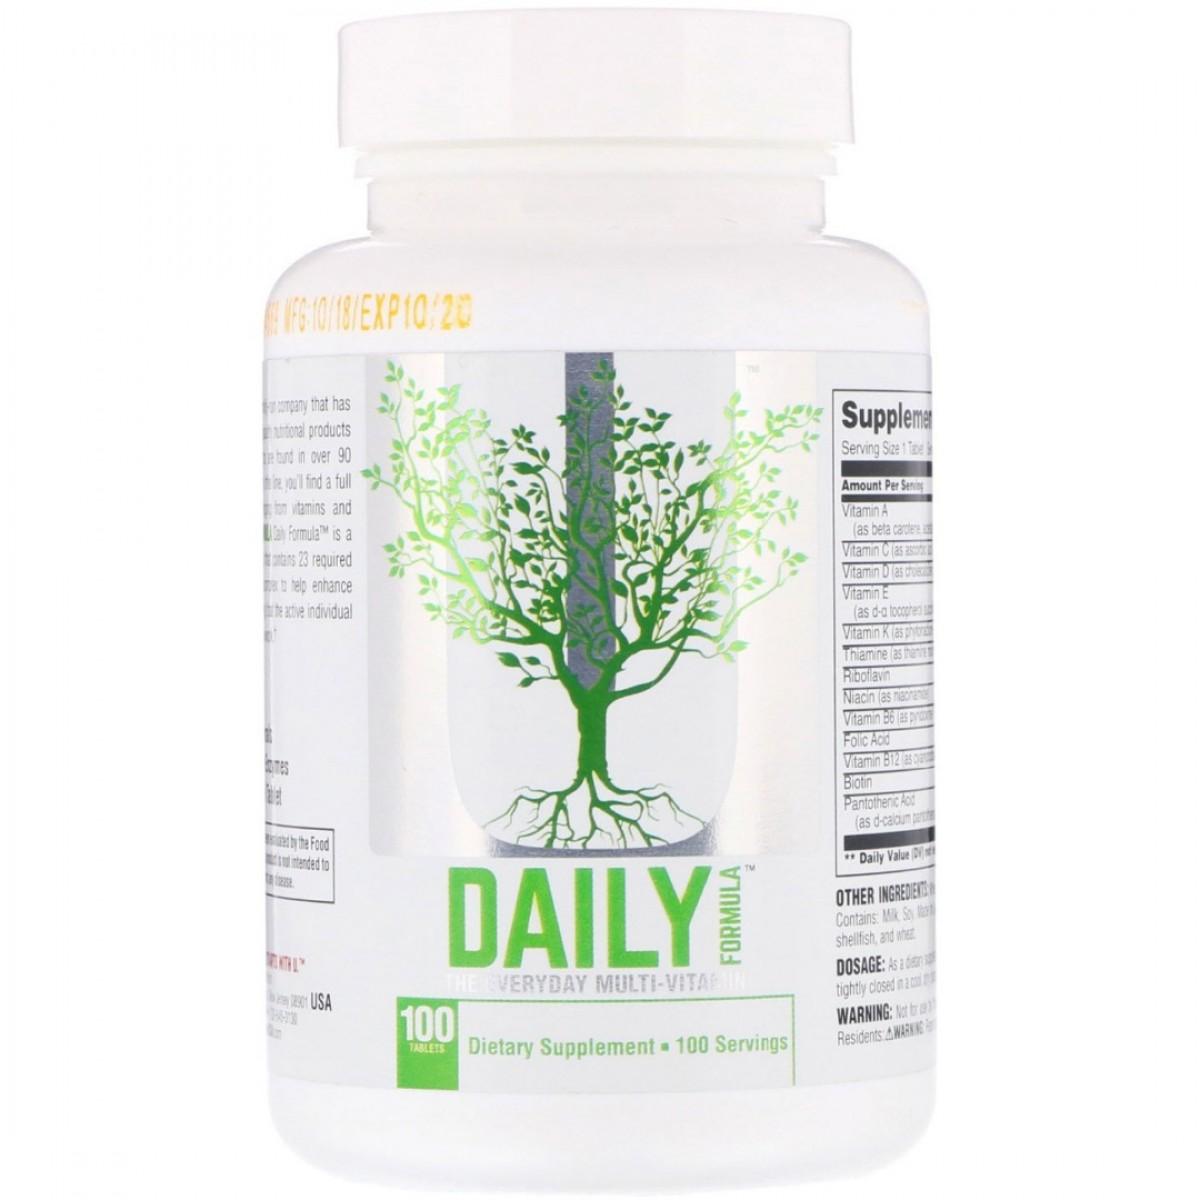 Витамины daily formula: описание, состав, инструкция по применению и отзывы